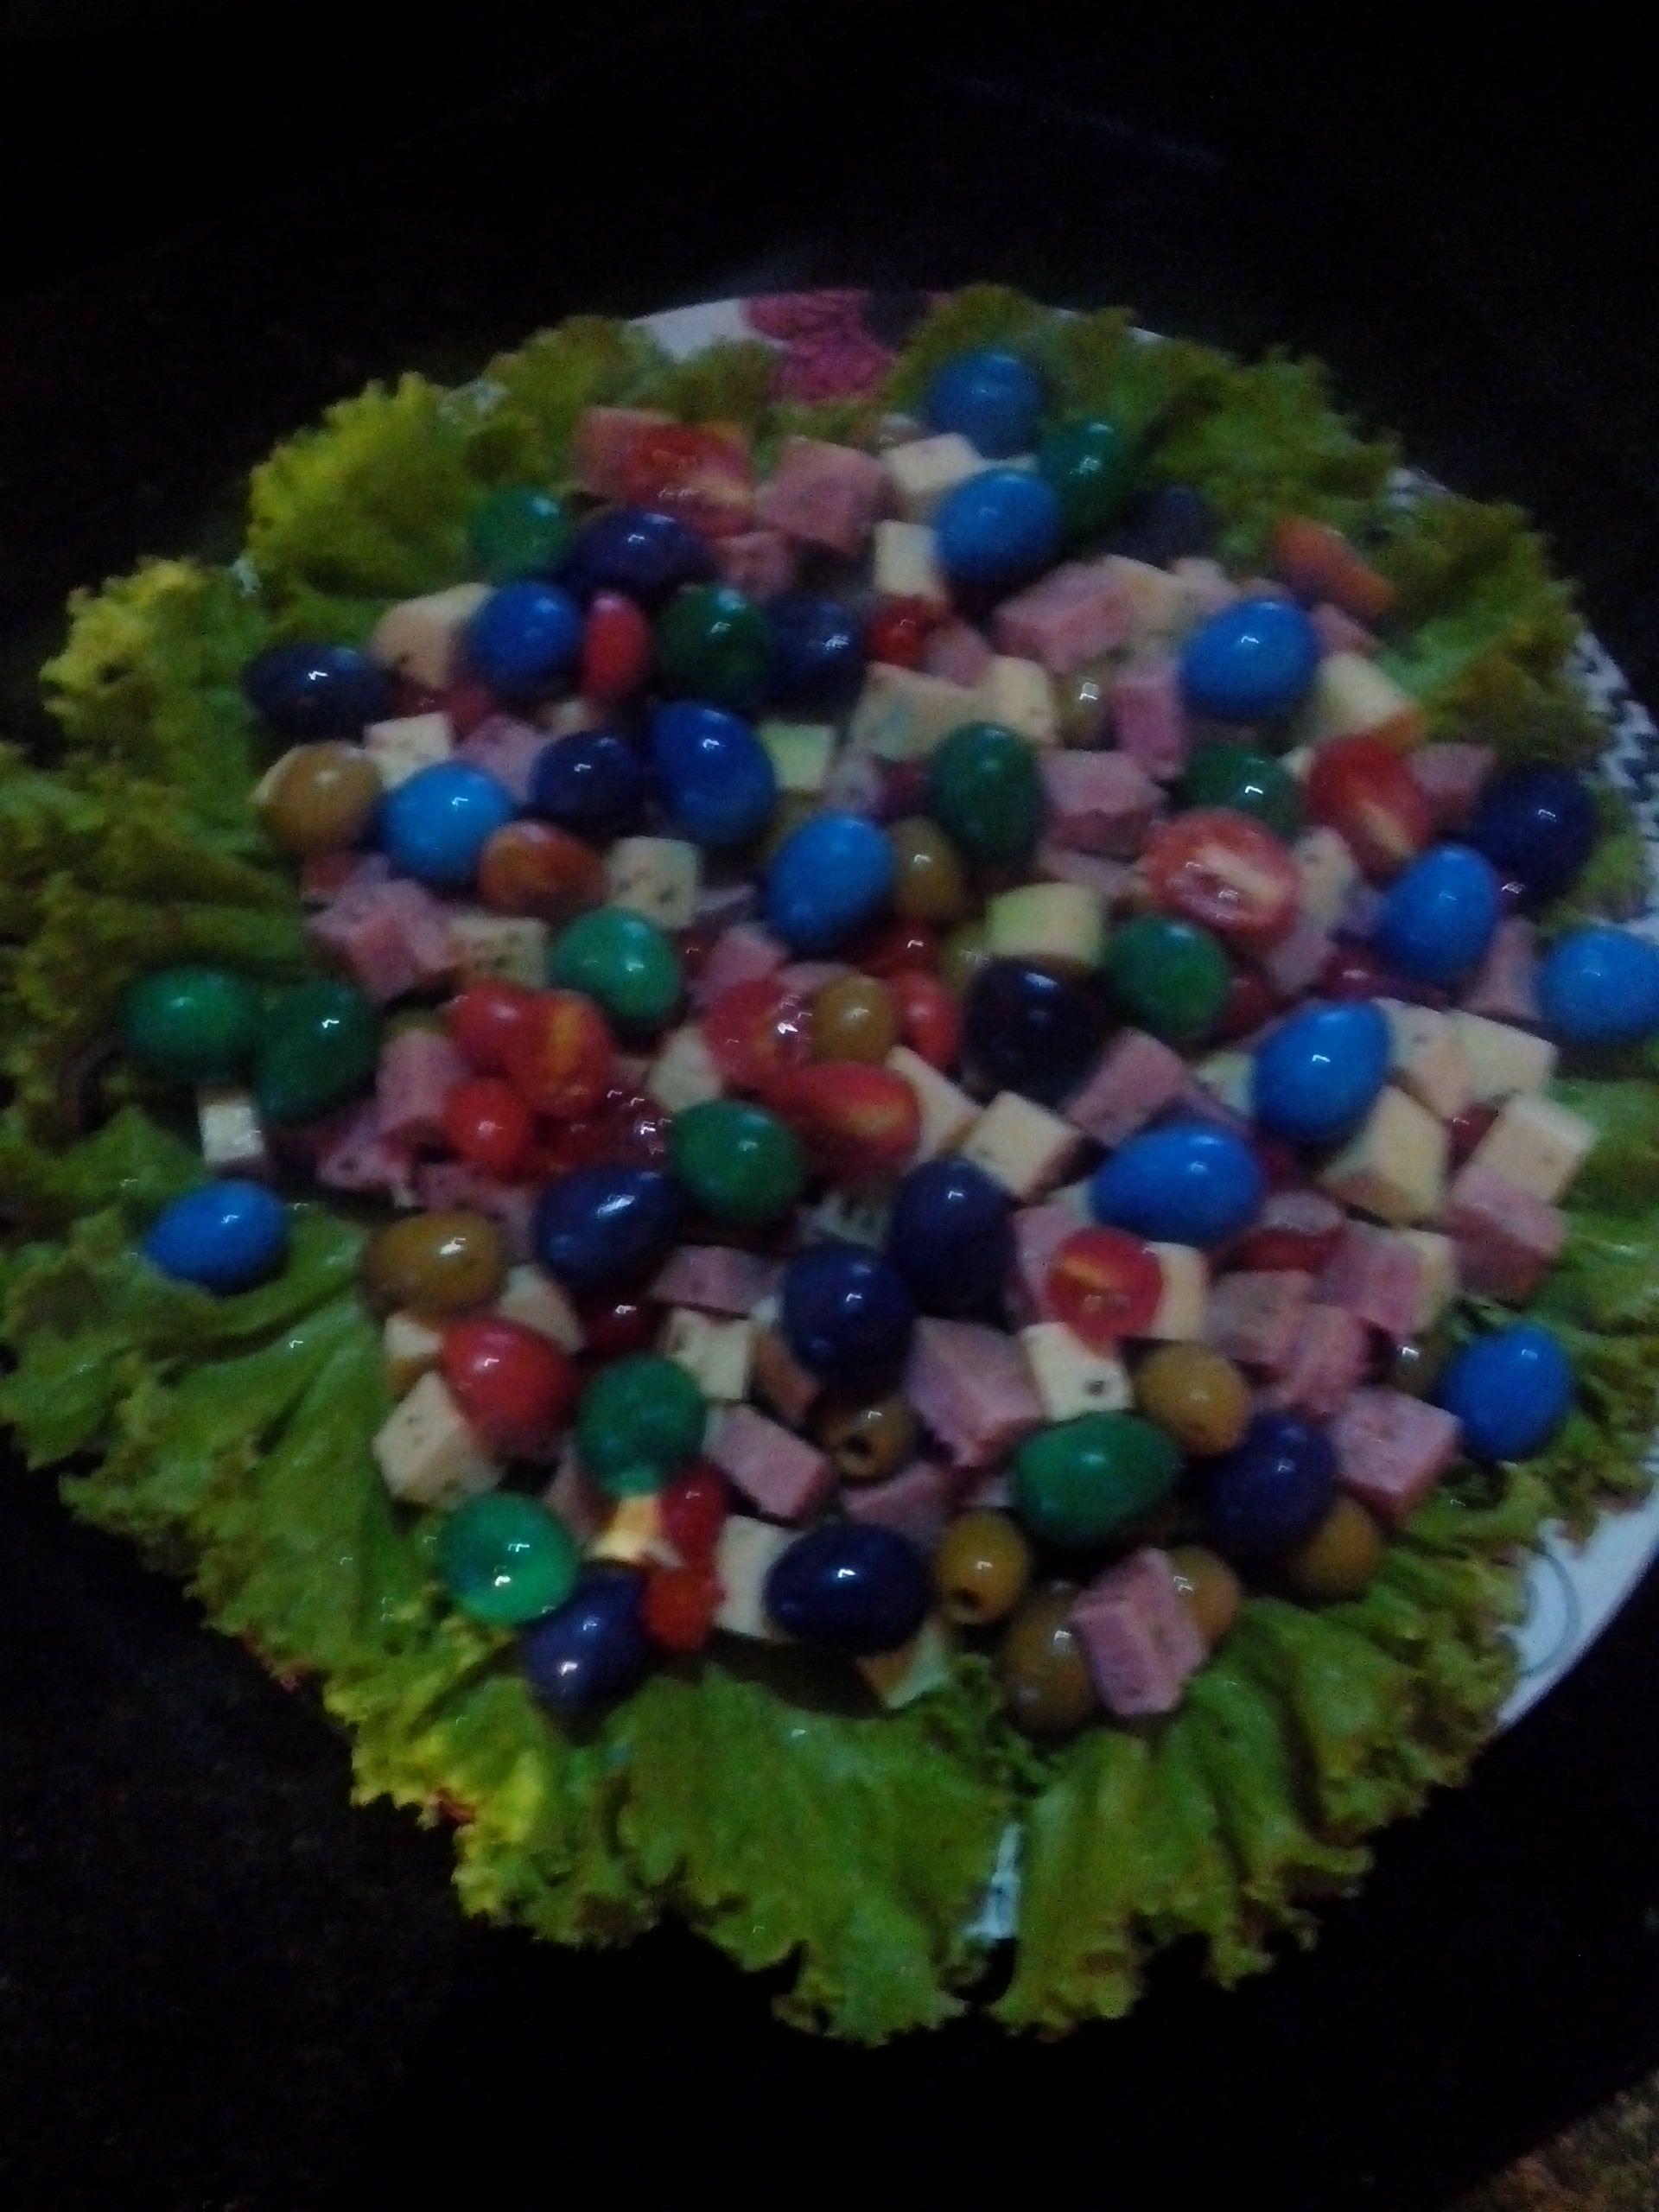 Salada fria com ovos coloridos